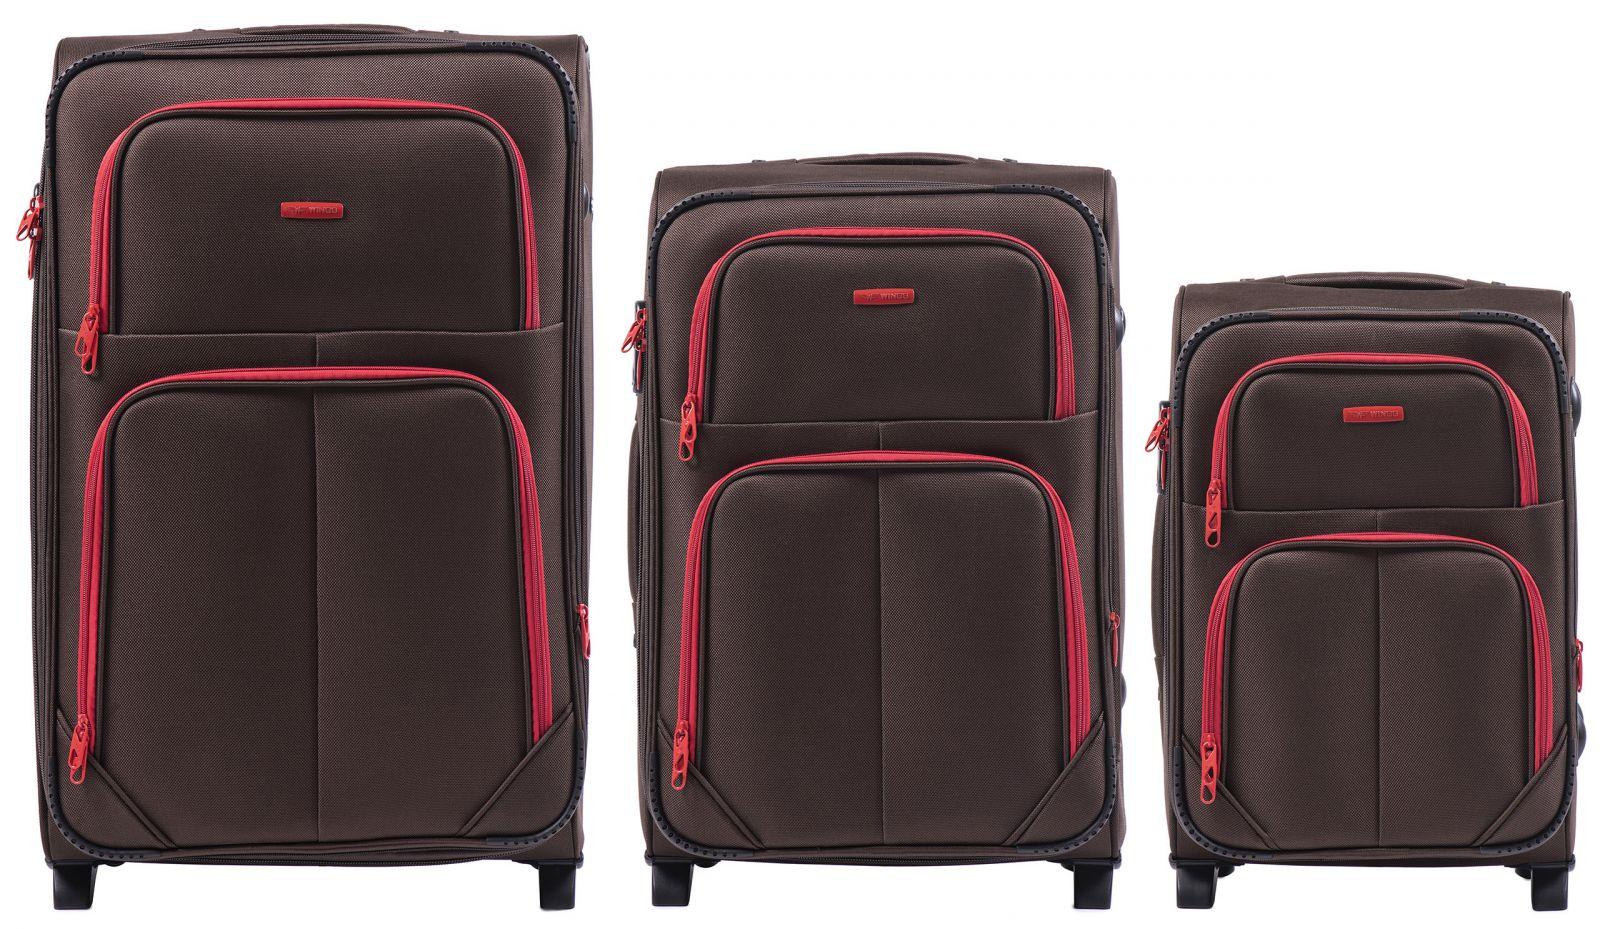 Sada 3 textilních kufrů WINGS 214 DOUBLE COFFEE L/M/S E-batoh